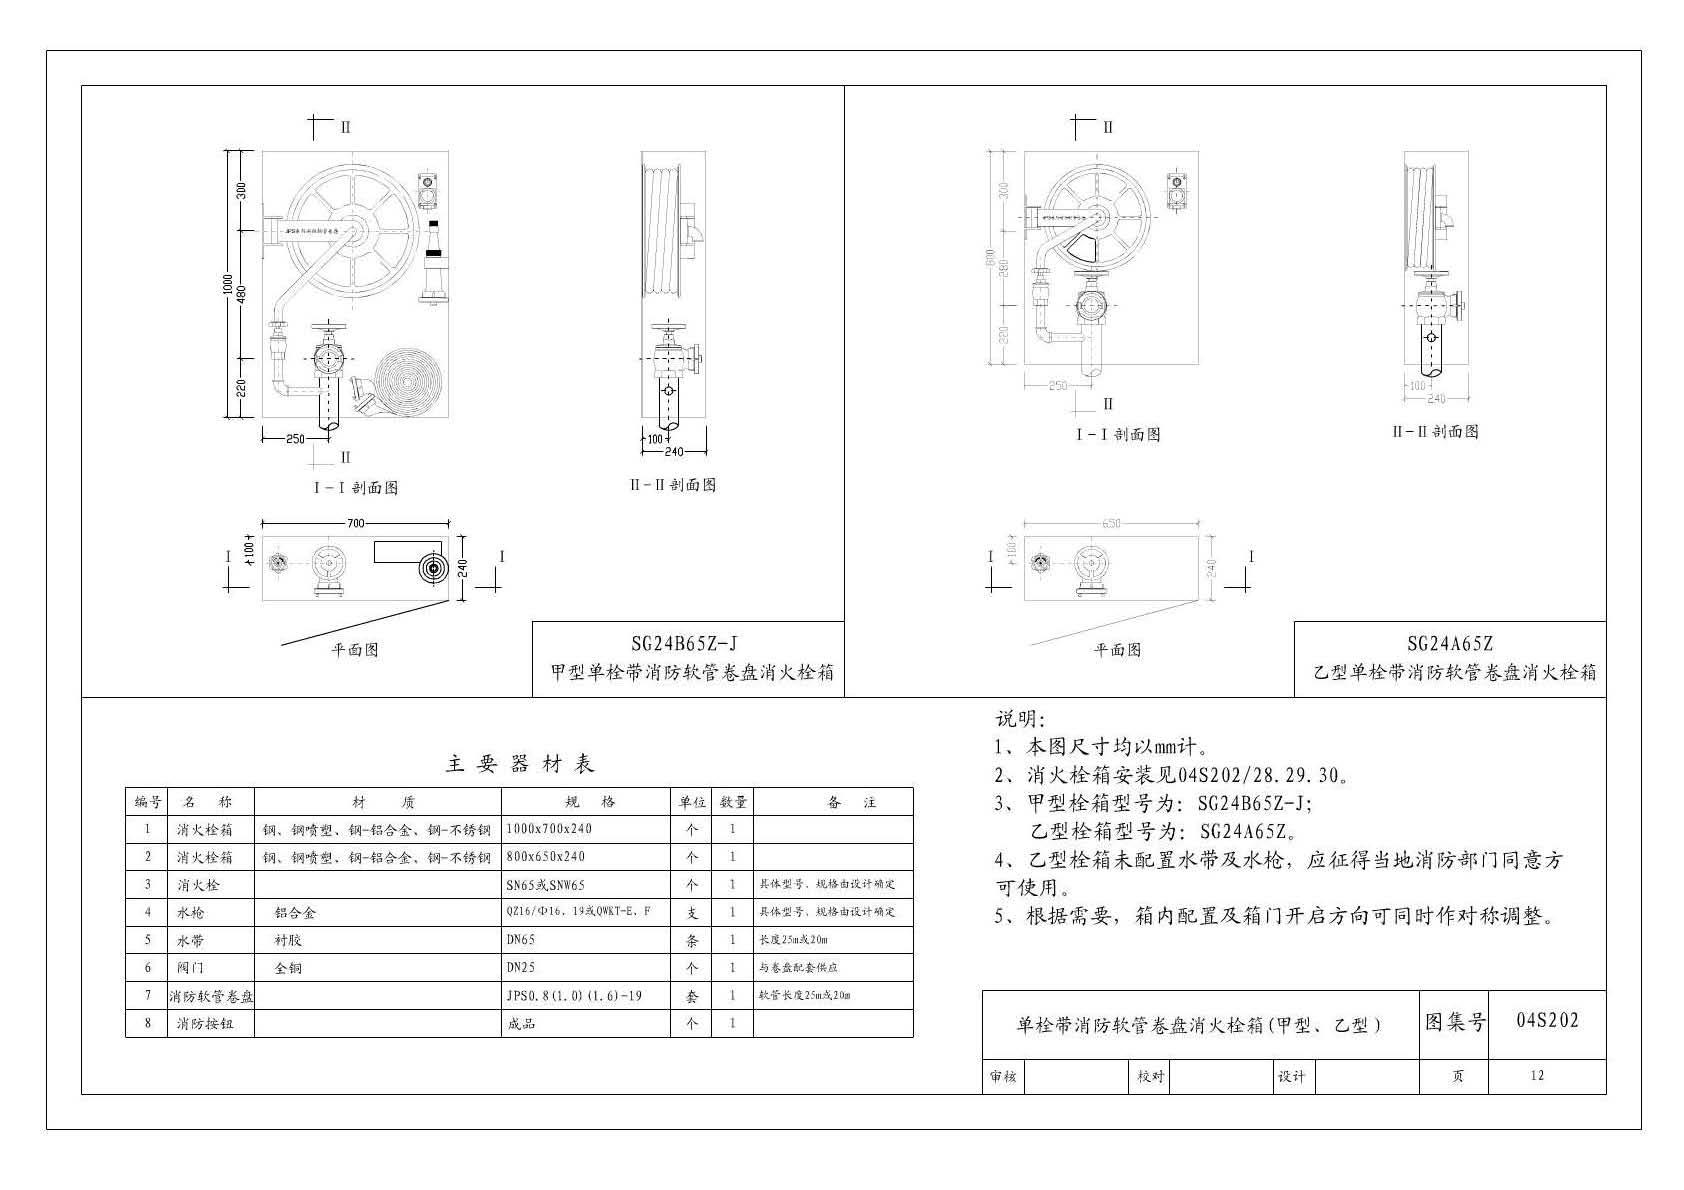 消火栓图集04s202_室内消火栓安装